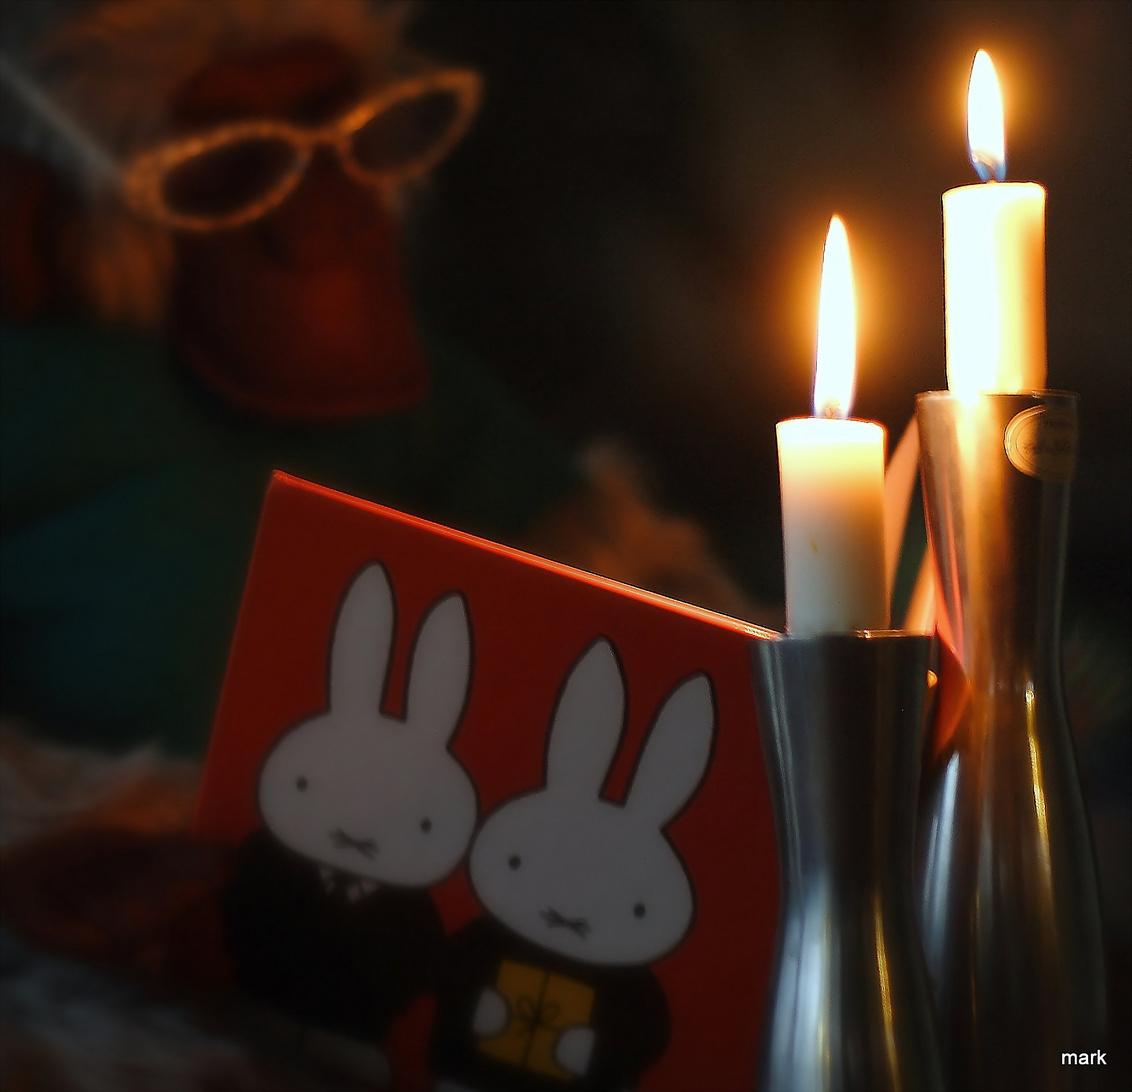 ff voorlezen - Het sneeuwt buiten dus ff binnen lekker warm een verhaal lezen. - foto door dumboy op 29-11-2010 - deze foto bevat: bril, aap, boek, kaars